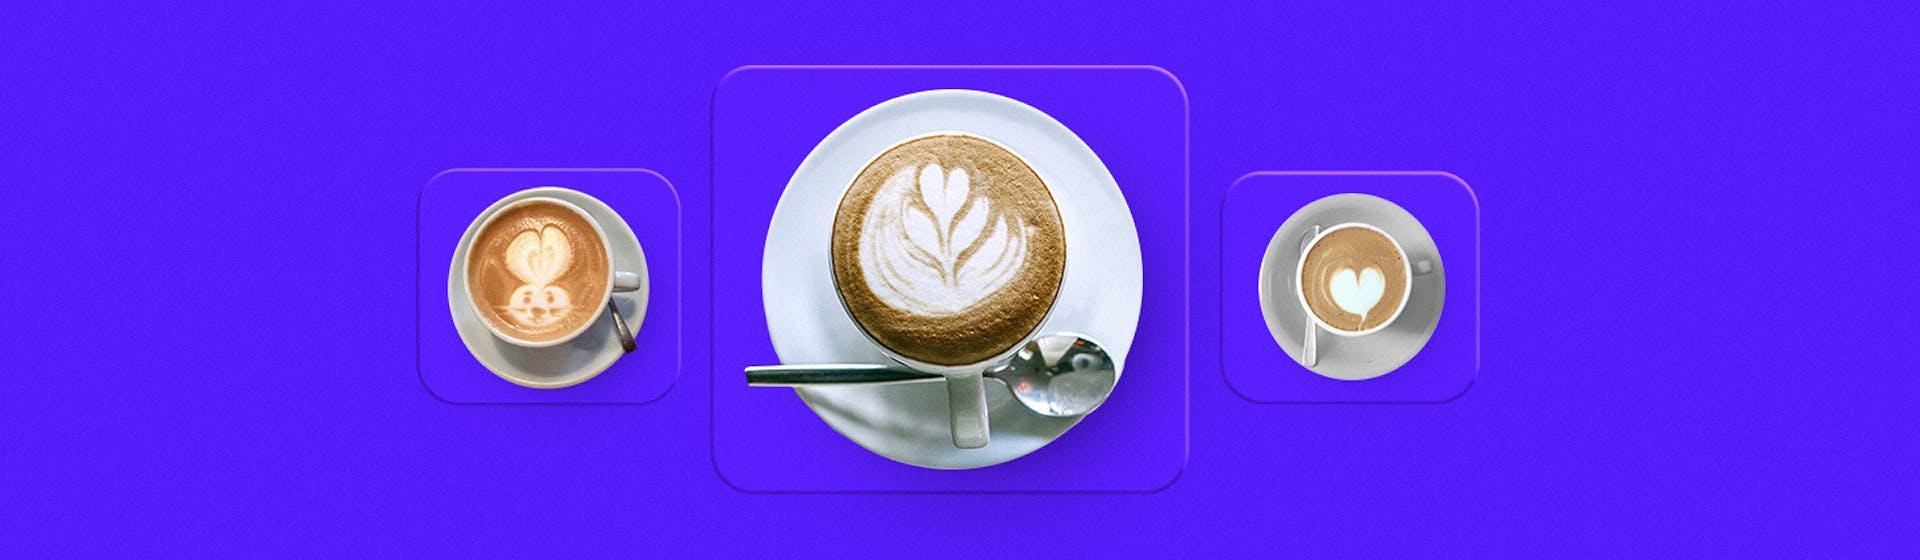 ¿Qué es el barismo? Aprende cómo ser un artista del café